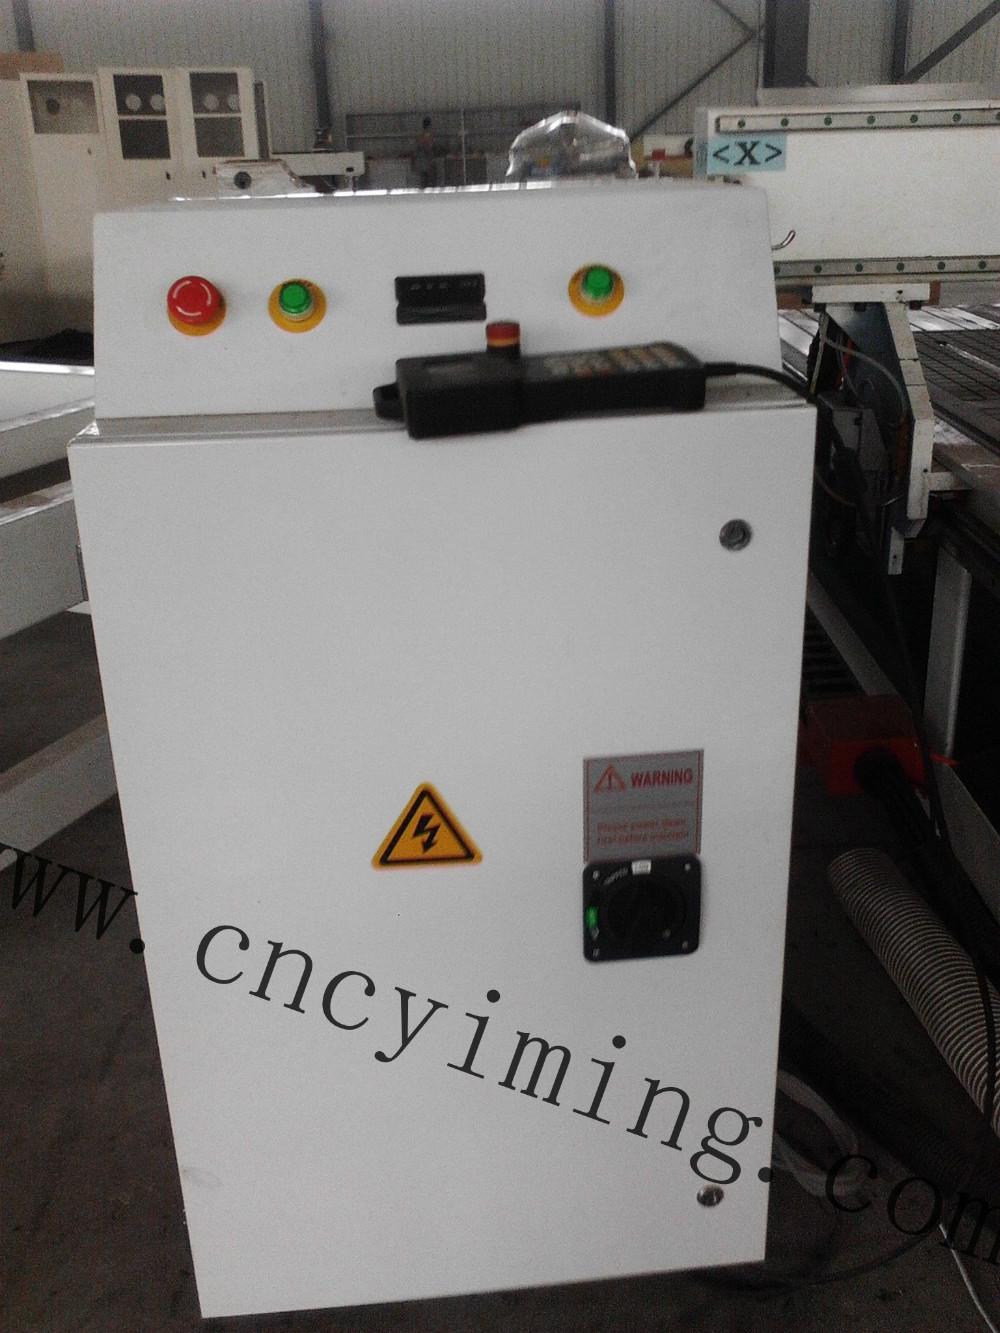 e4d machine